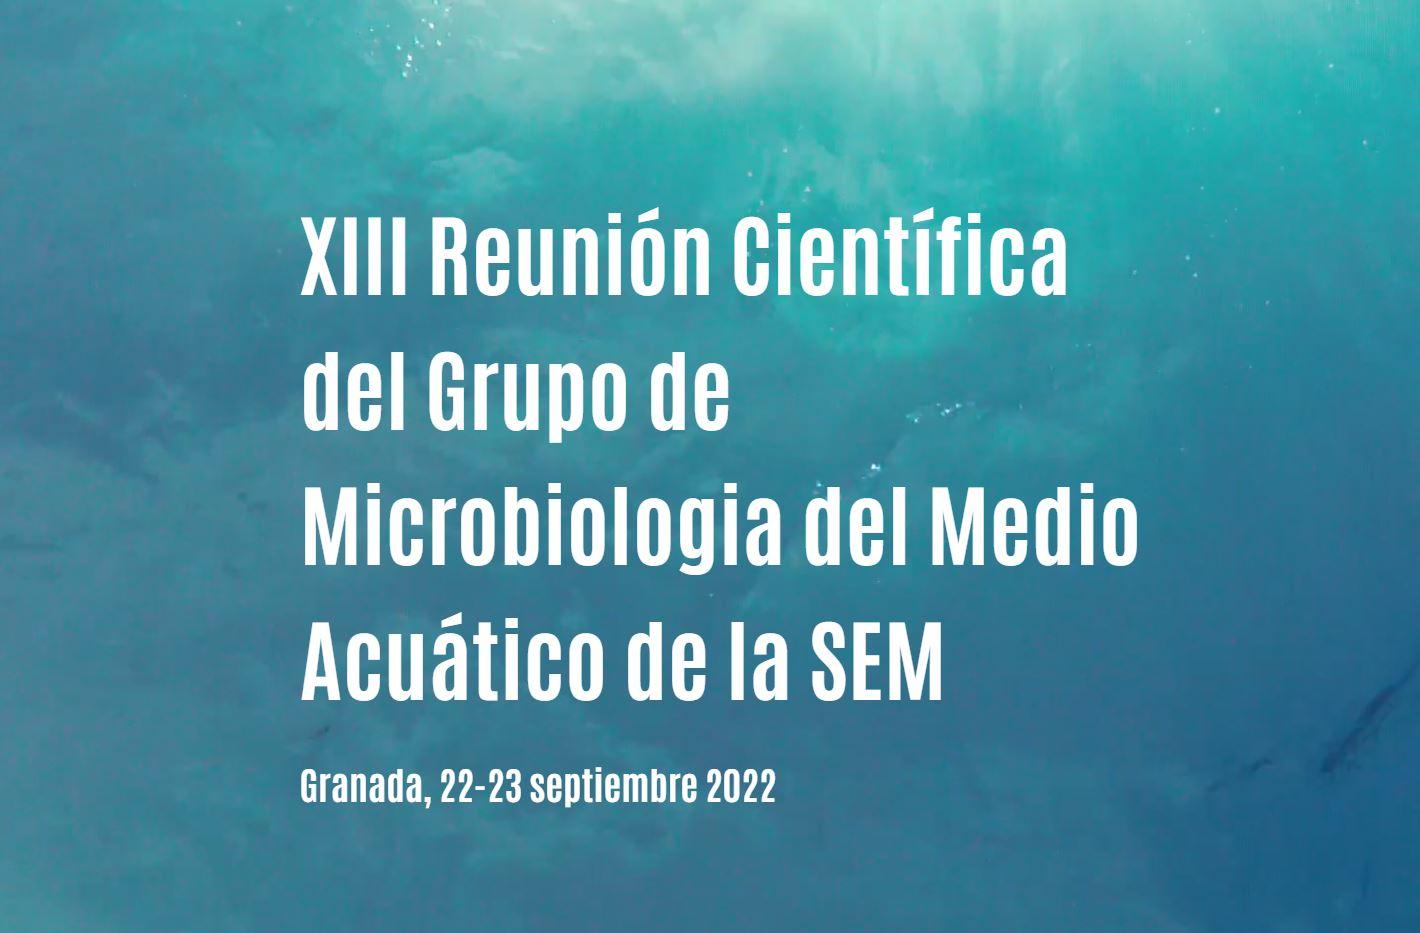 XIII Reunión Científica del Grupo de Microbiología del Medio Acuático de la SEM